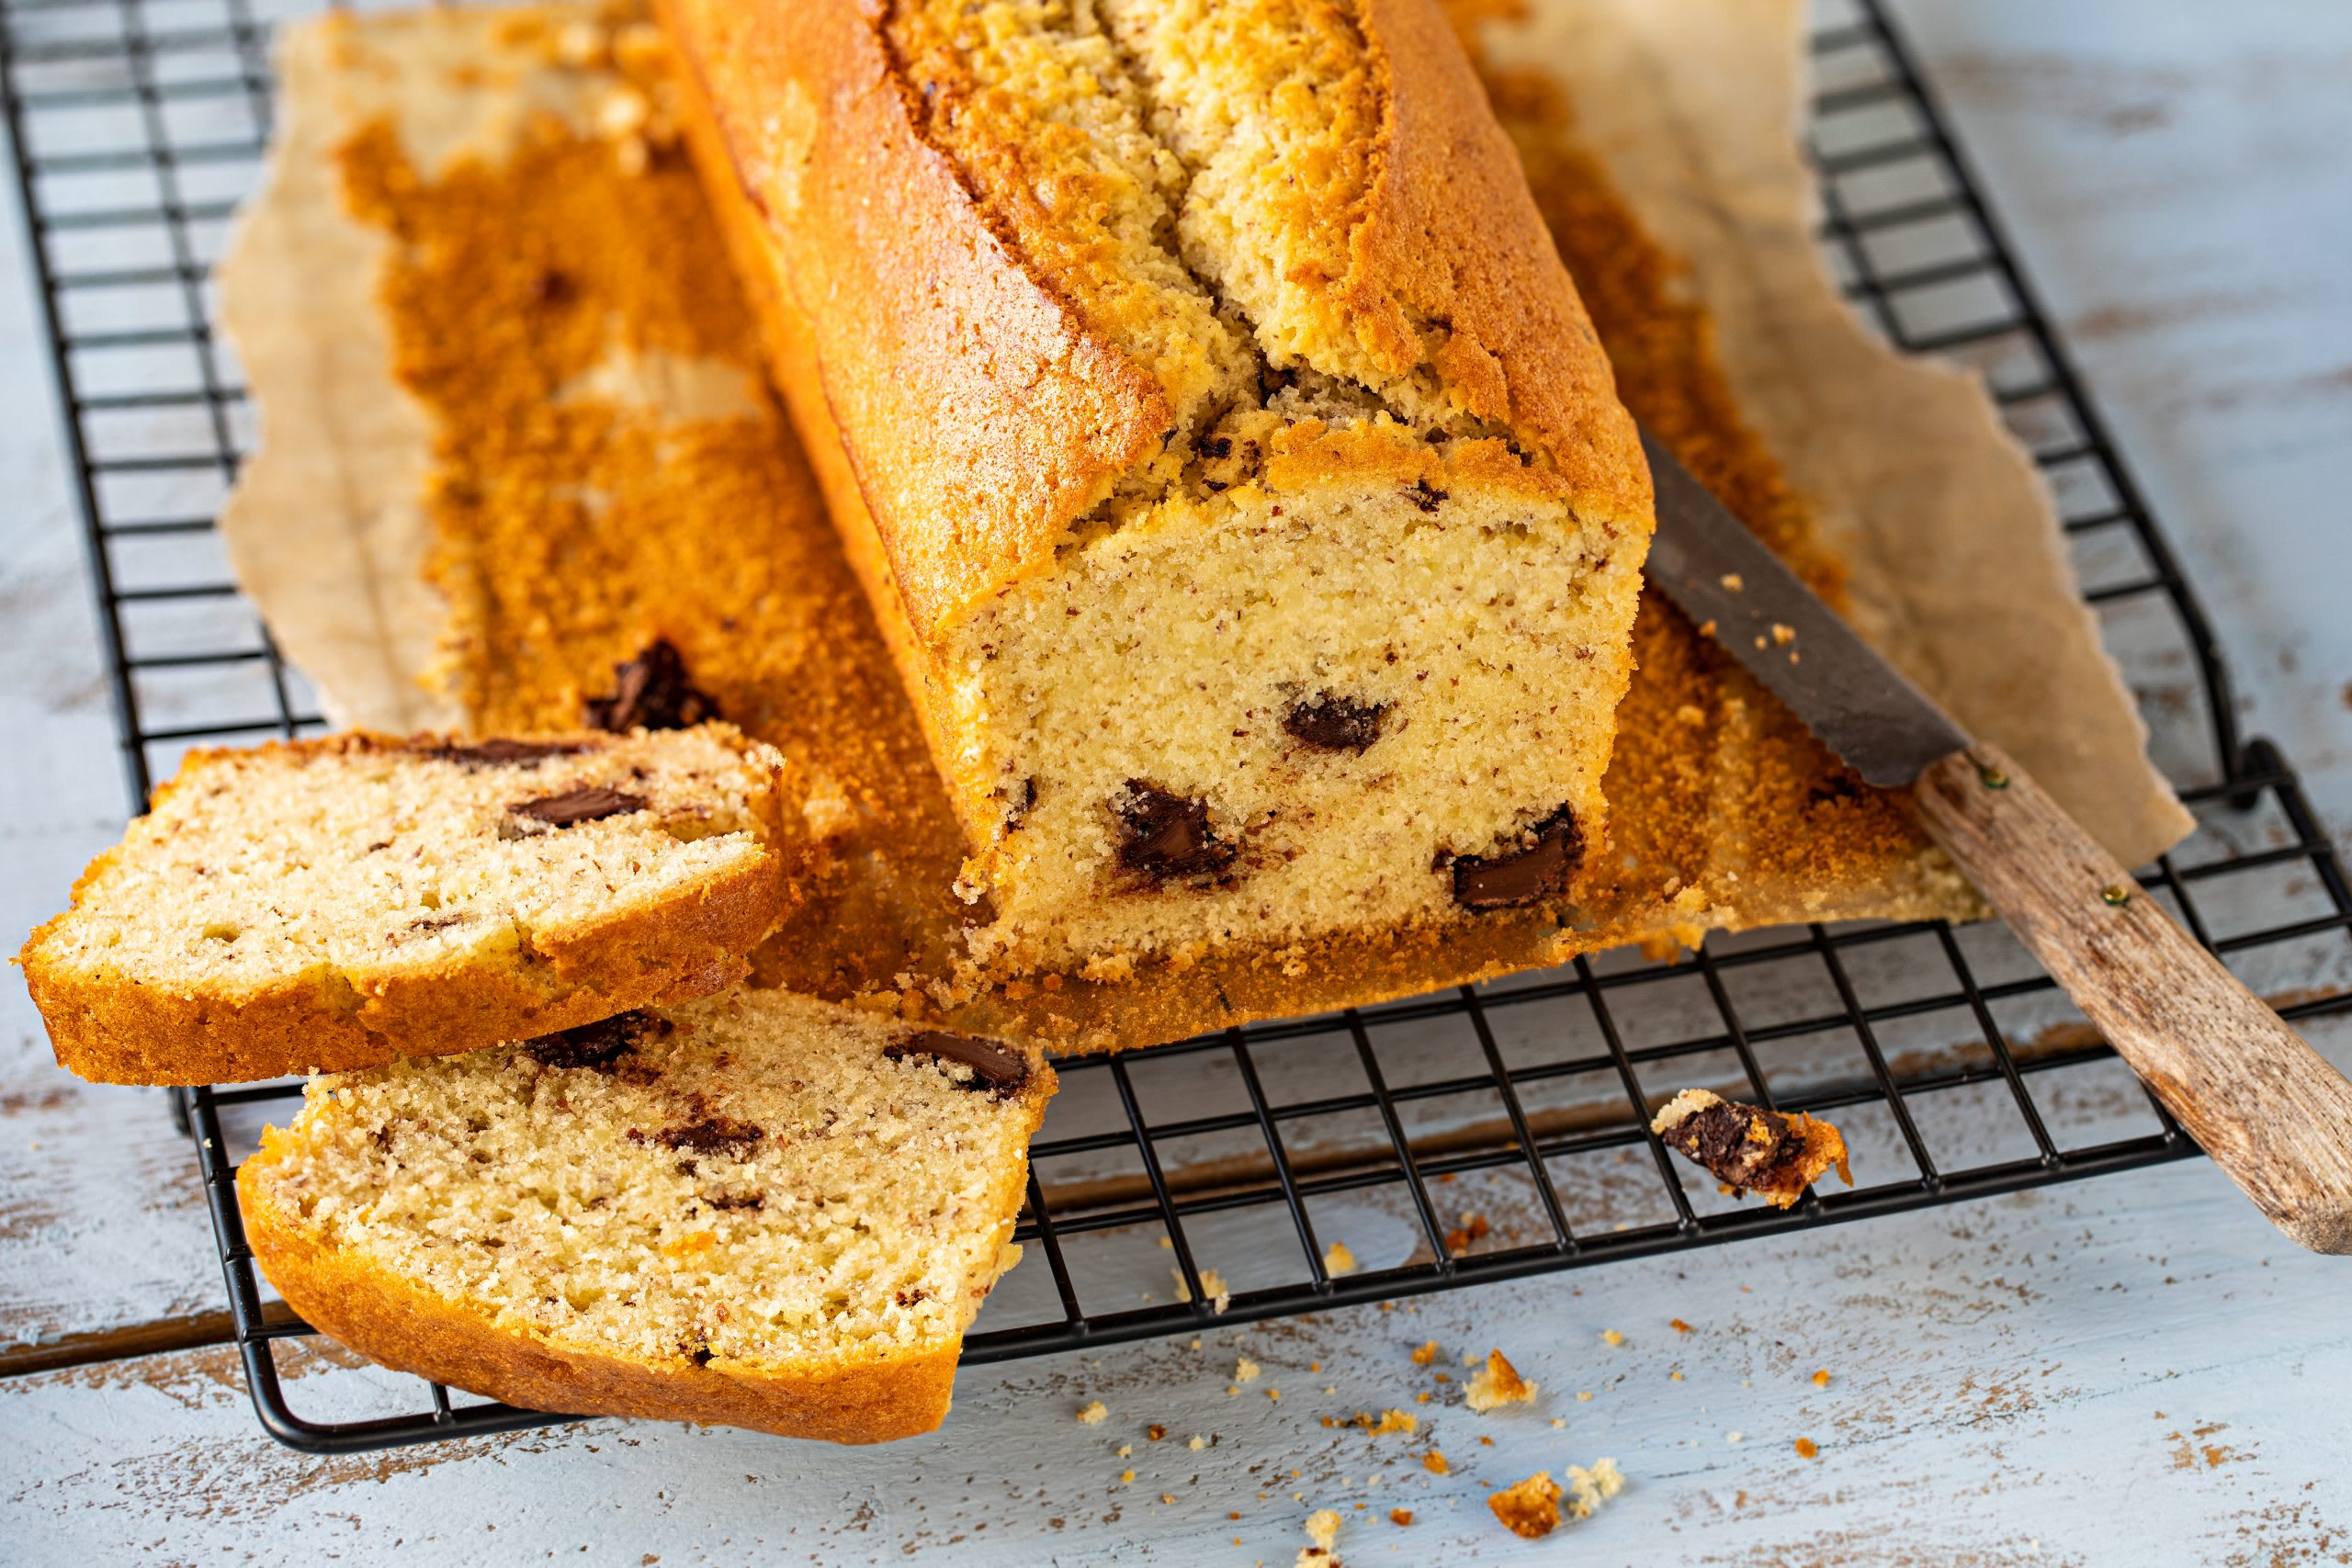 Tiroler-Cake